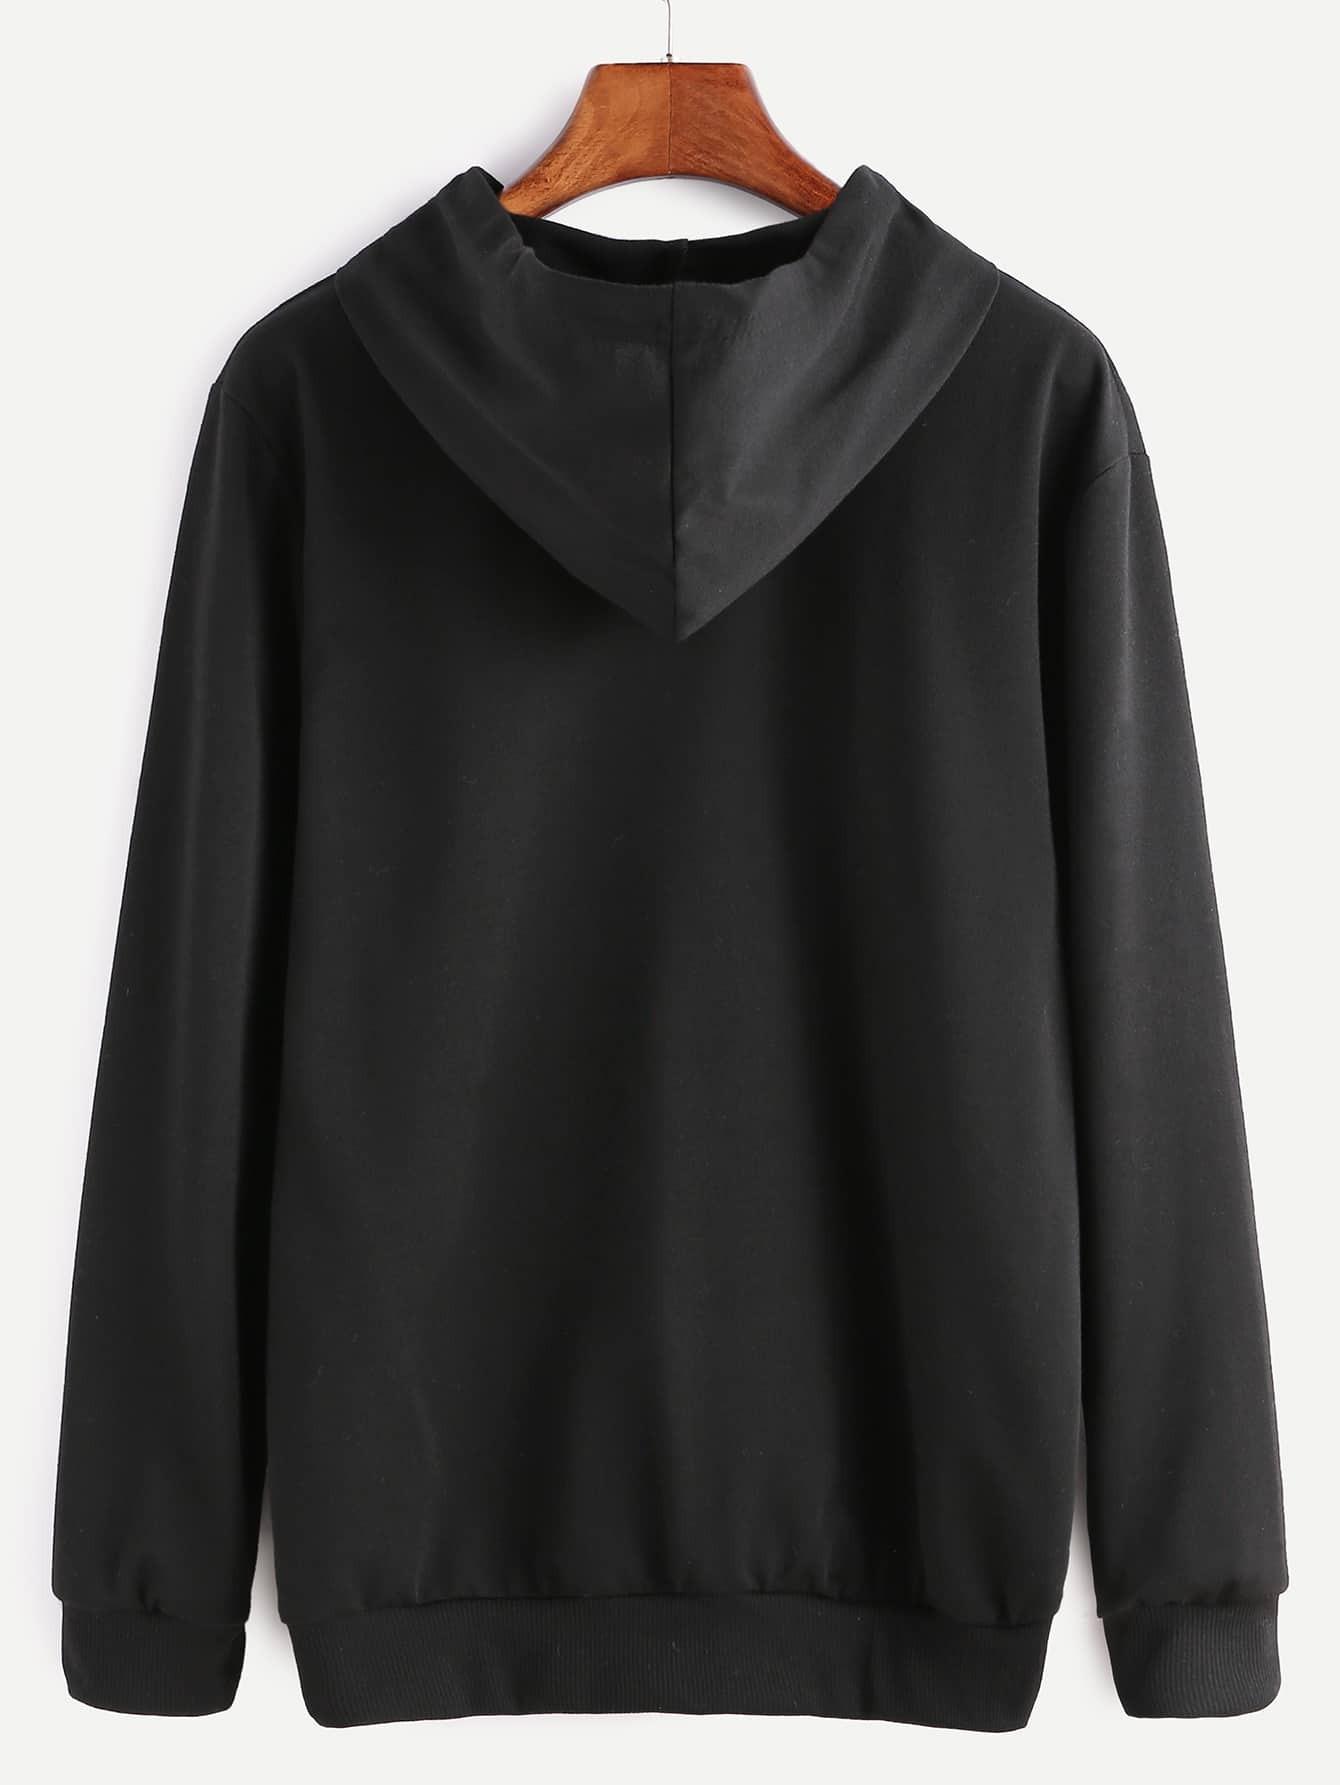 sweatshirt161206104_2